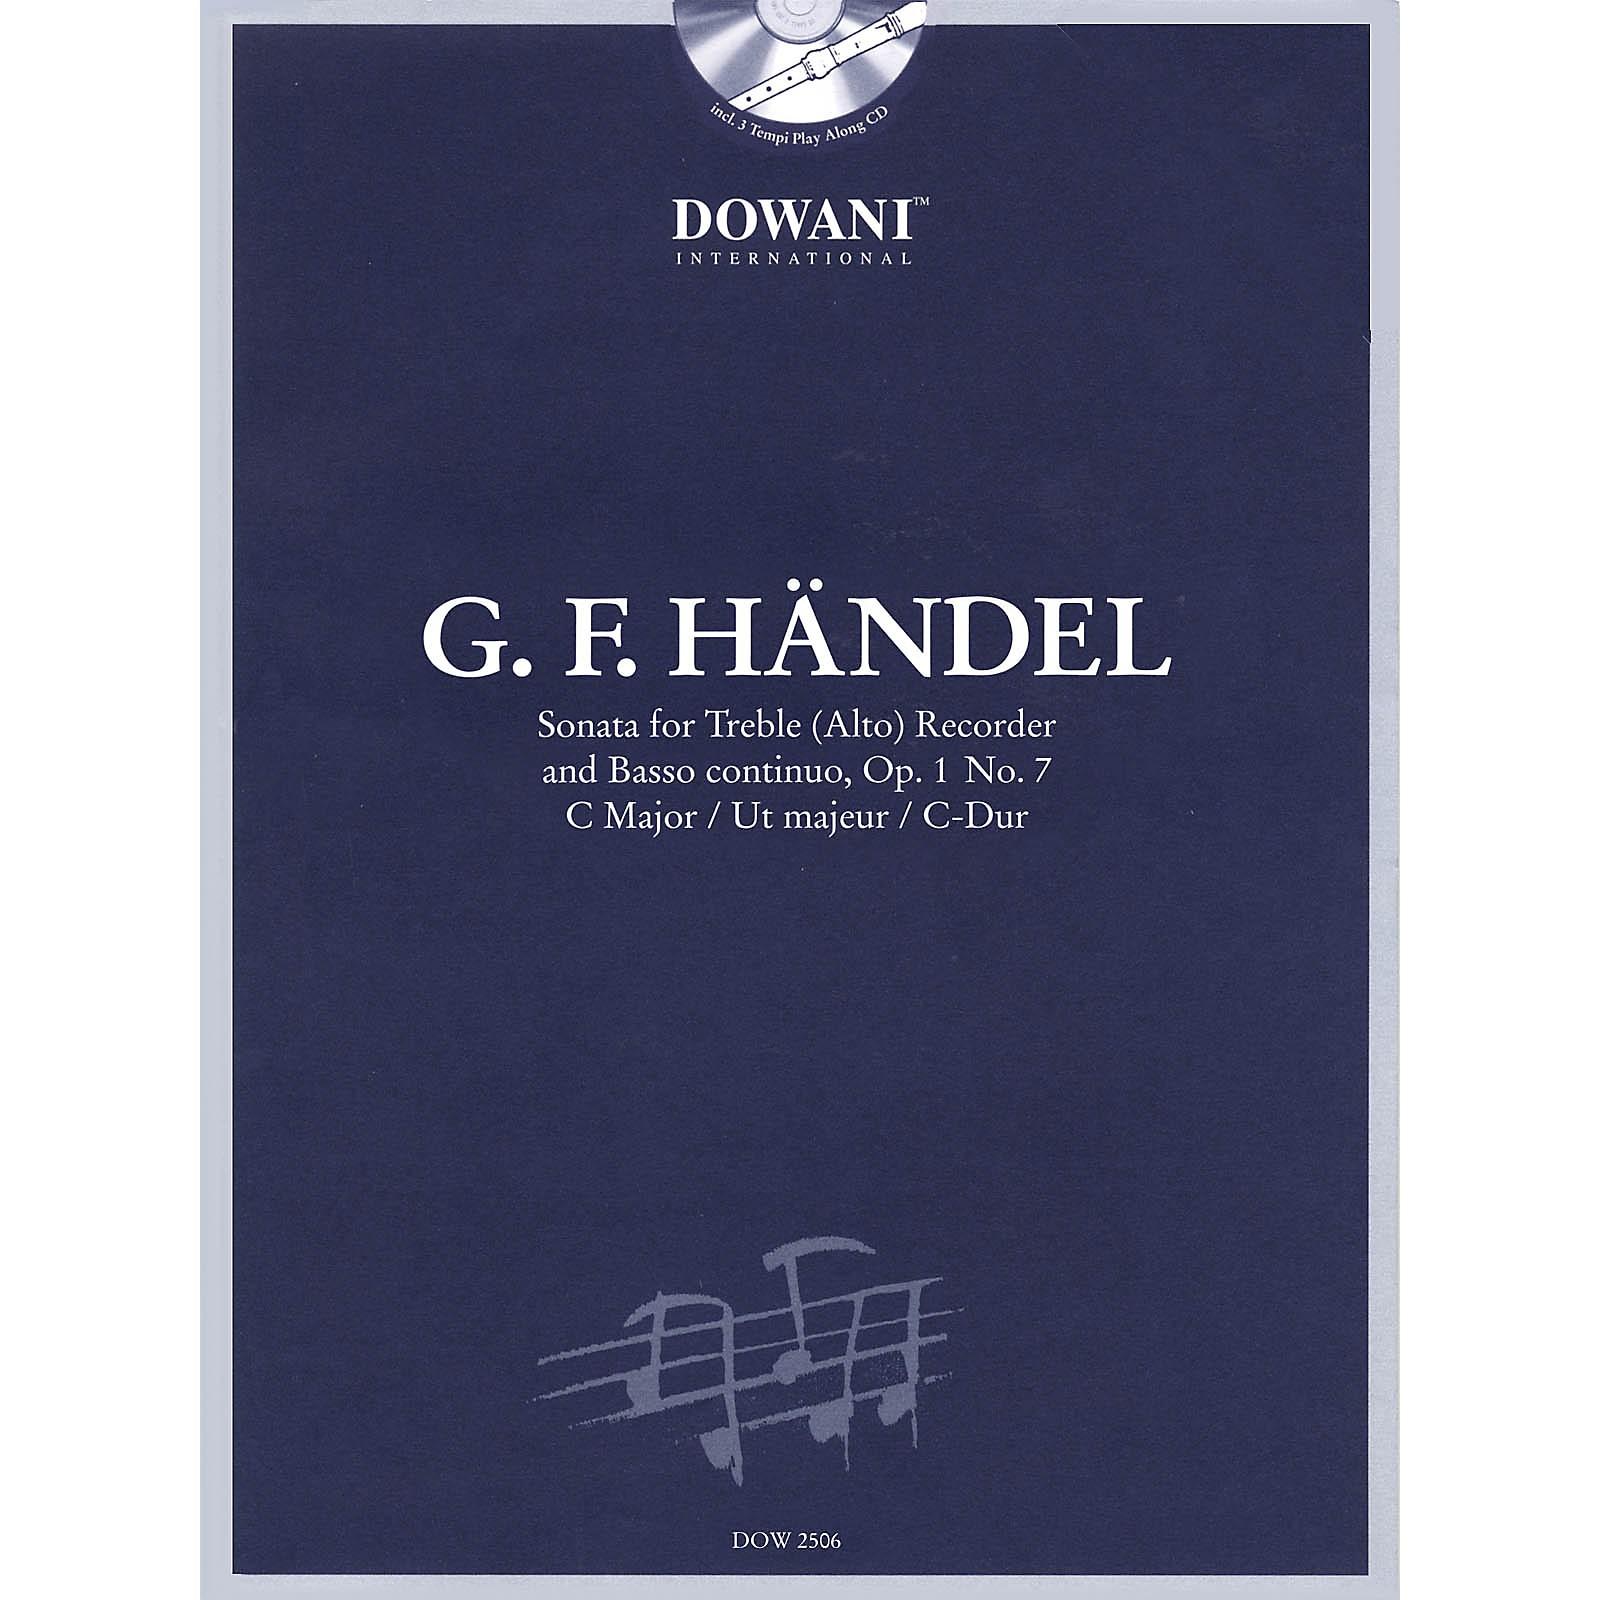 Dowani Editions Handel: Sonata in C Major, Op. 1, No. 7 for Treble (Alto) Recorder and Basso Continuo Dowani Book/CD